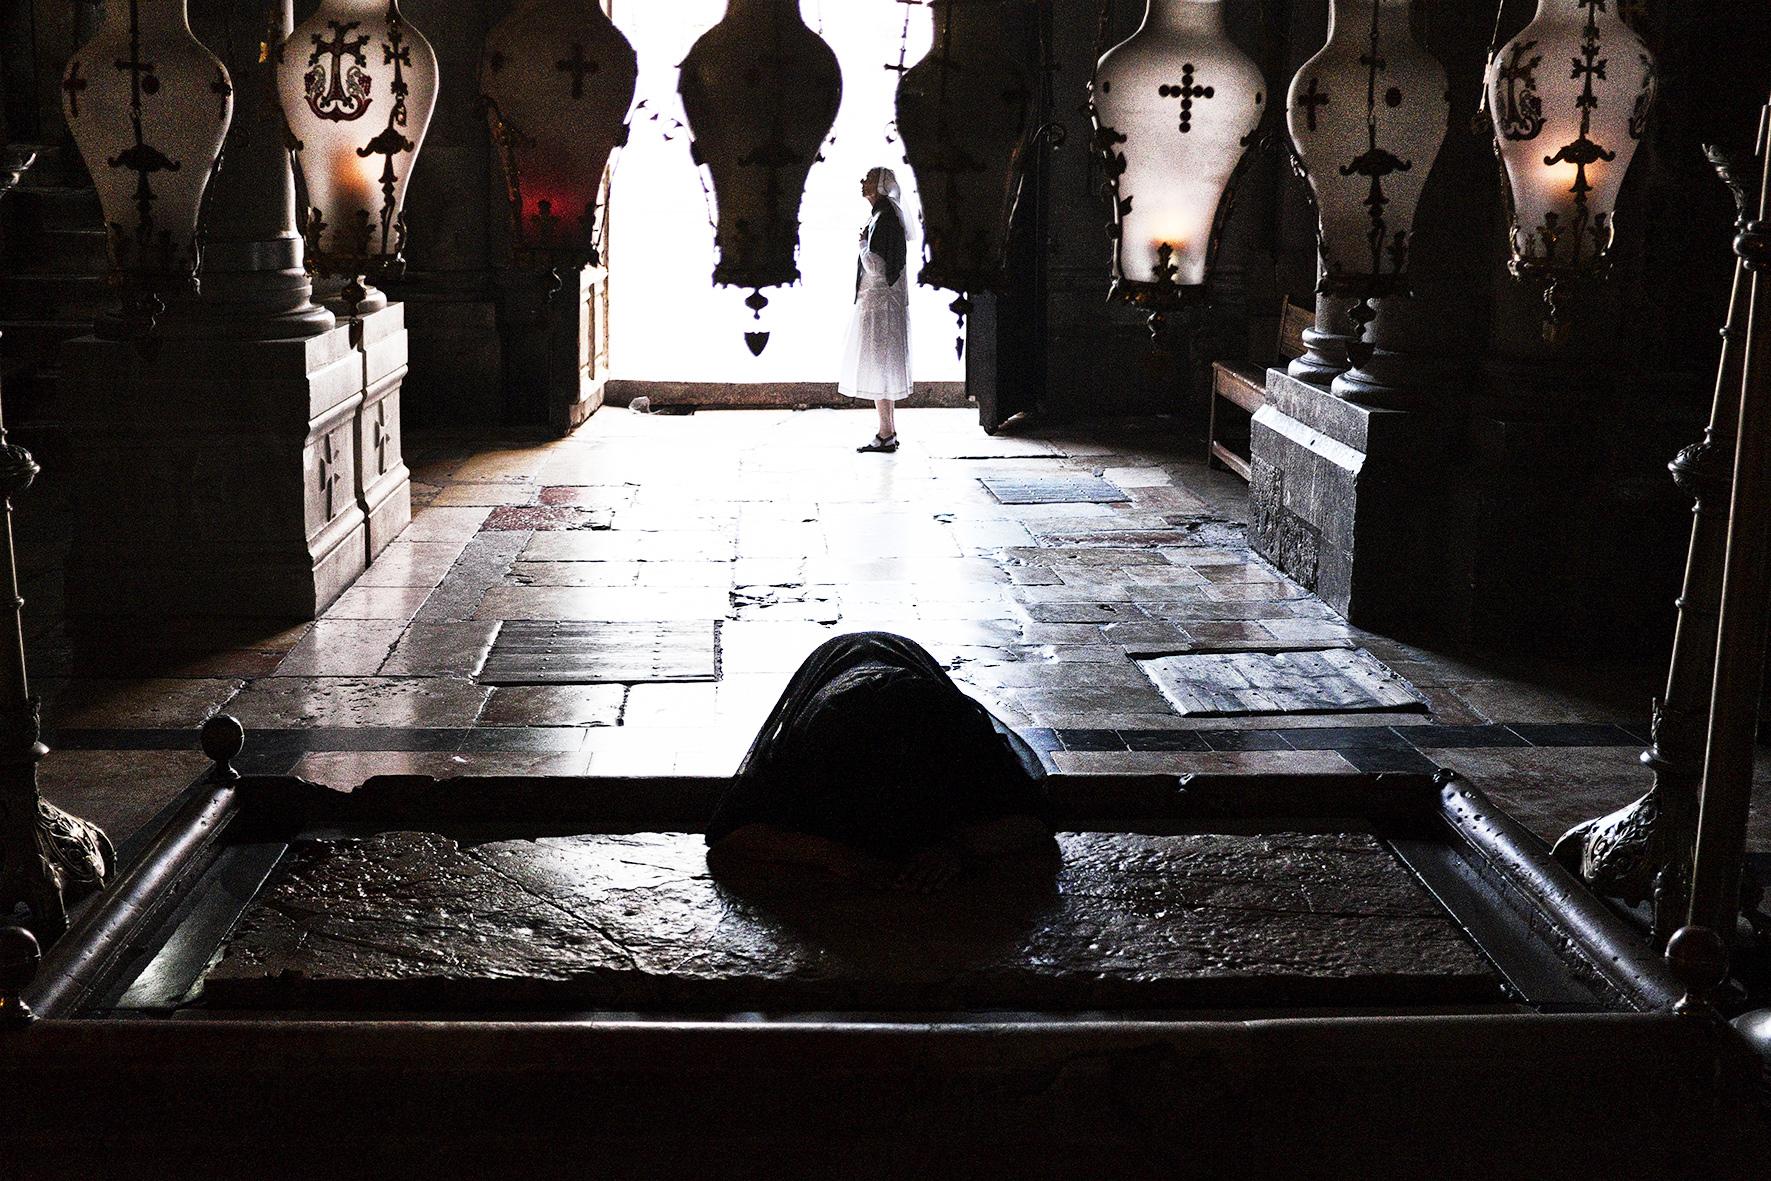 Israël, Jérusalem, Eglise du Saint-Sépulcre. 2015